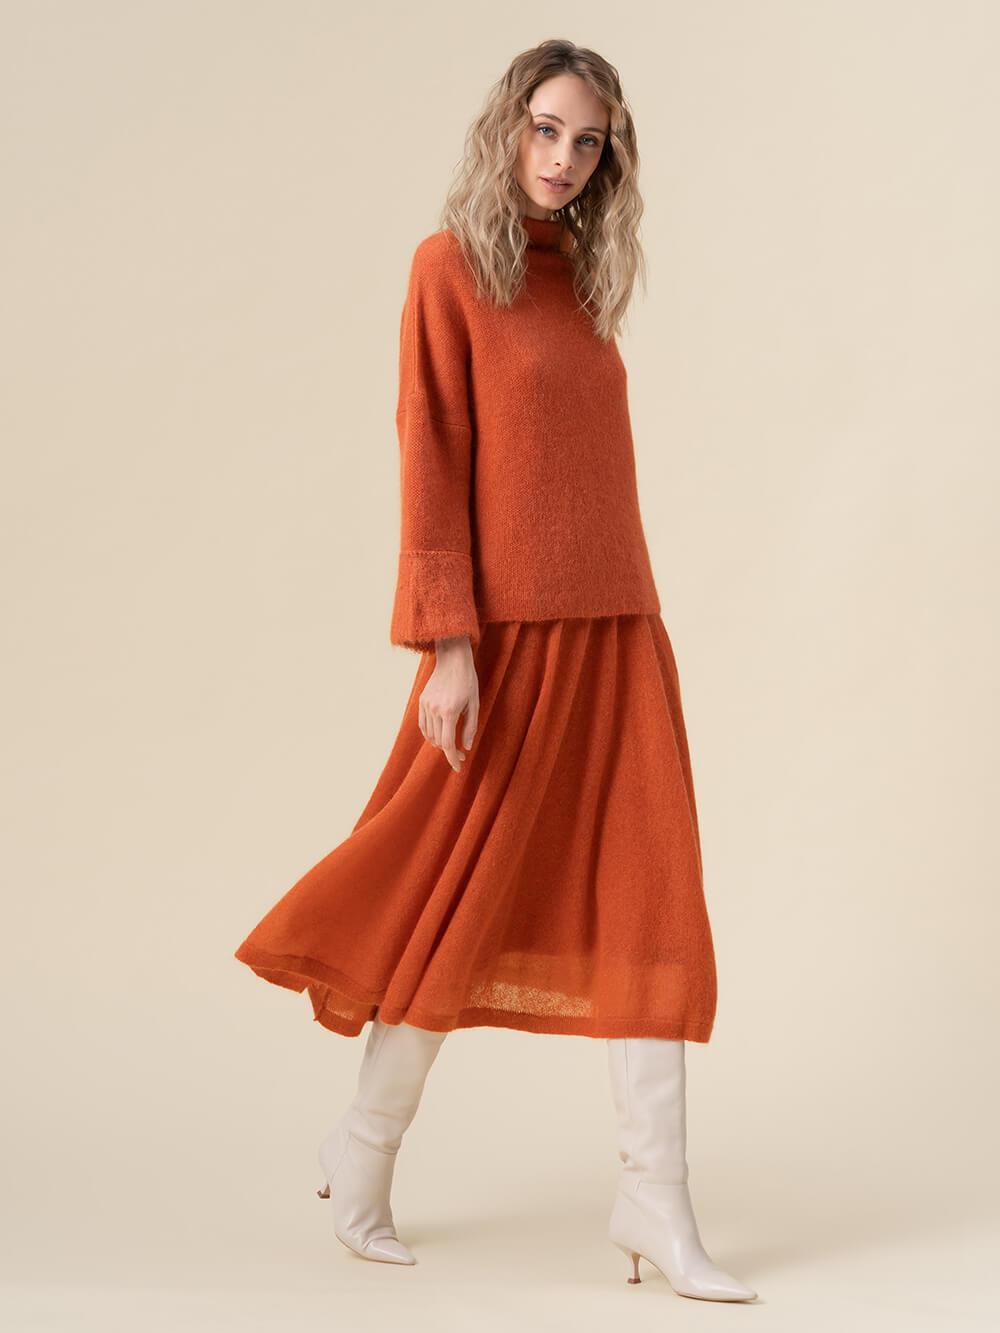 Женская юбка терракотового цвета - фото 1